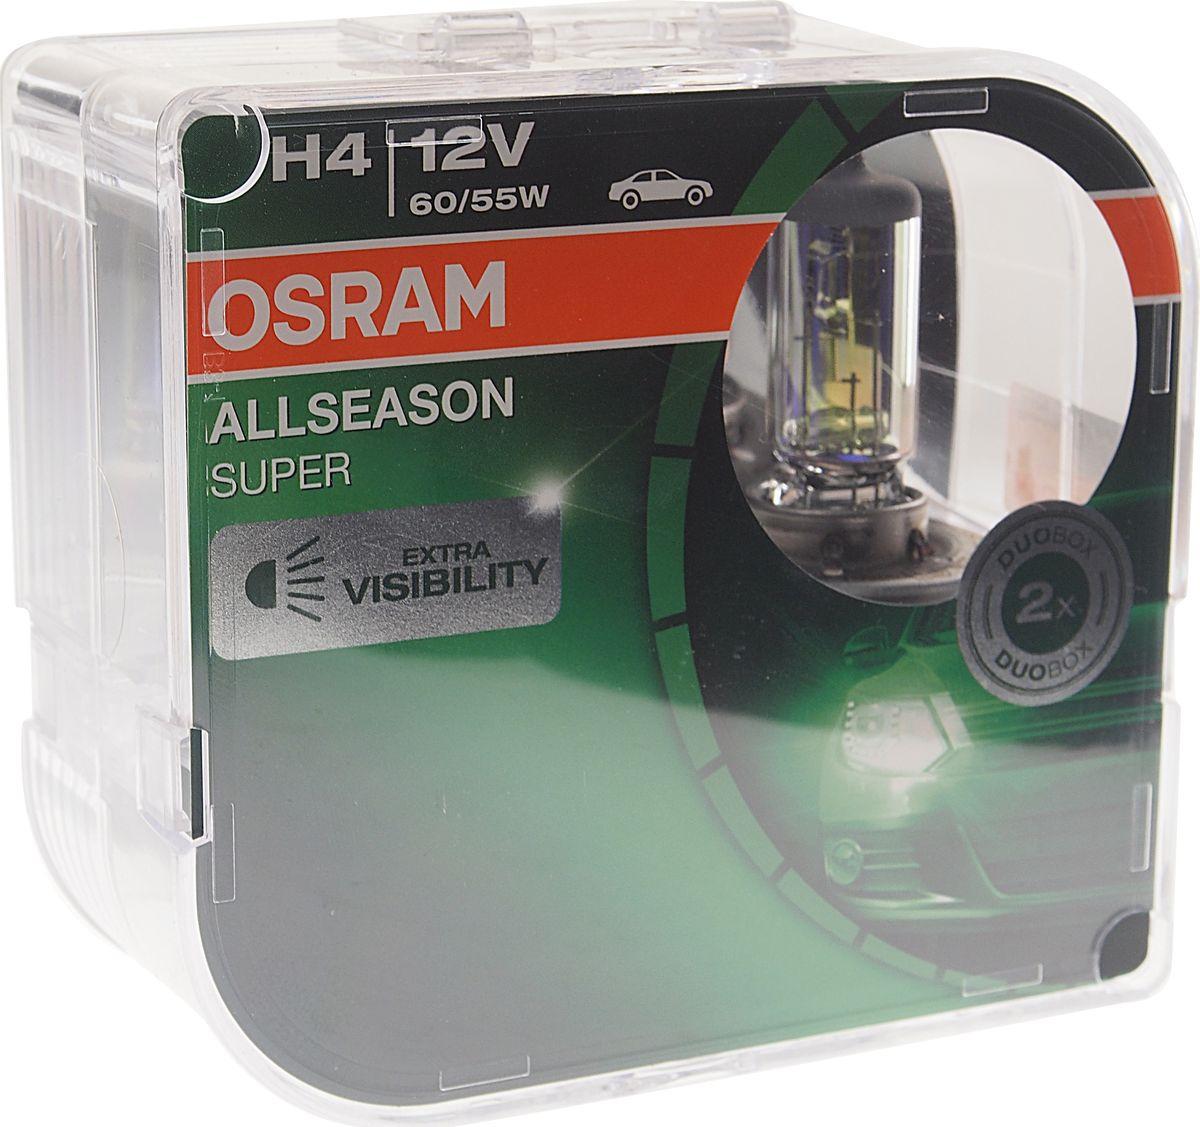 Лампа автомобильная Osram H4 (60/55) P43t +30% All Season Super 3000K 12V, 64193ALSHCB, 2 шт